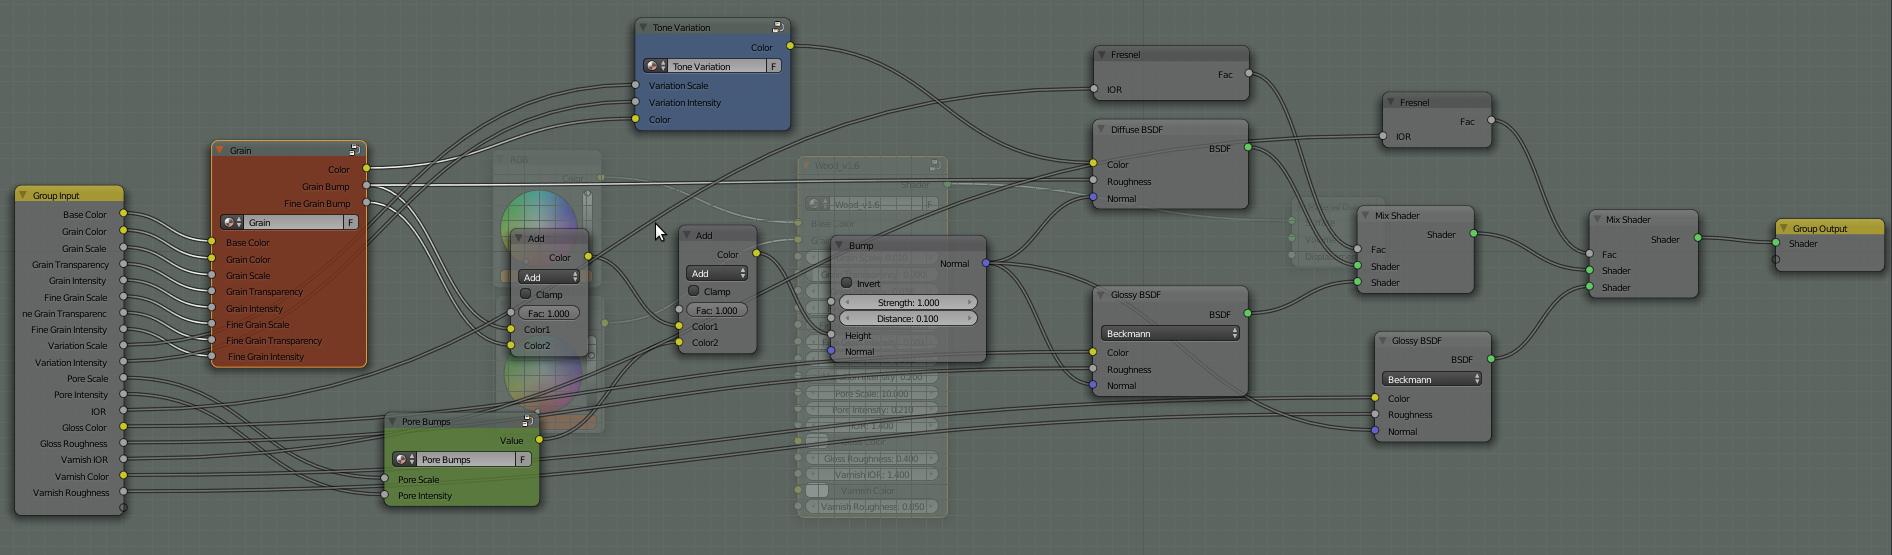 20130812_wood_node_02_v16